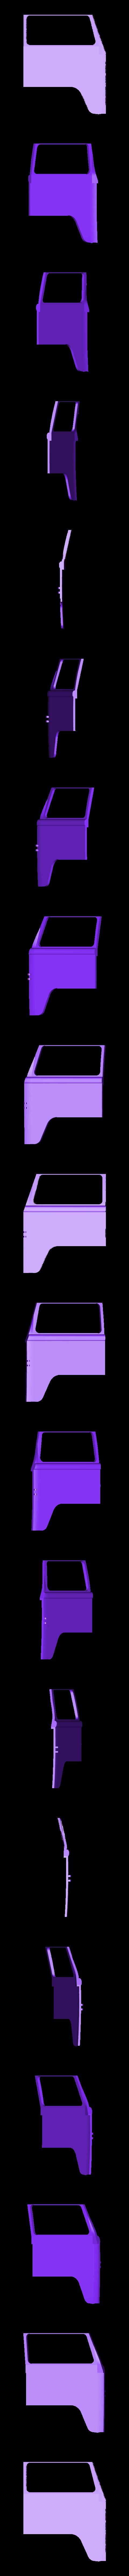 Left_door.STL Télécharger fichier STL gratuit VW Kleinbus T2 • Modèle pour impression 3D, Rusichar